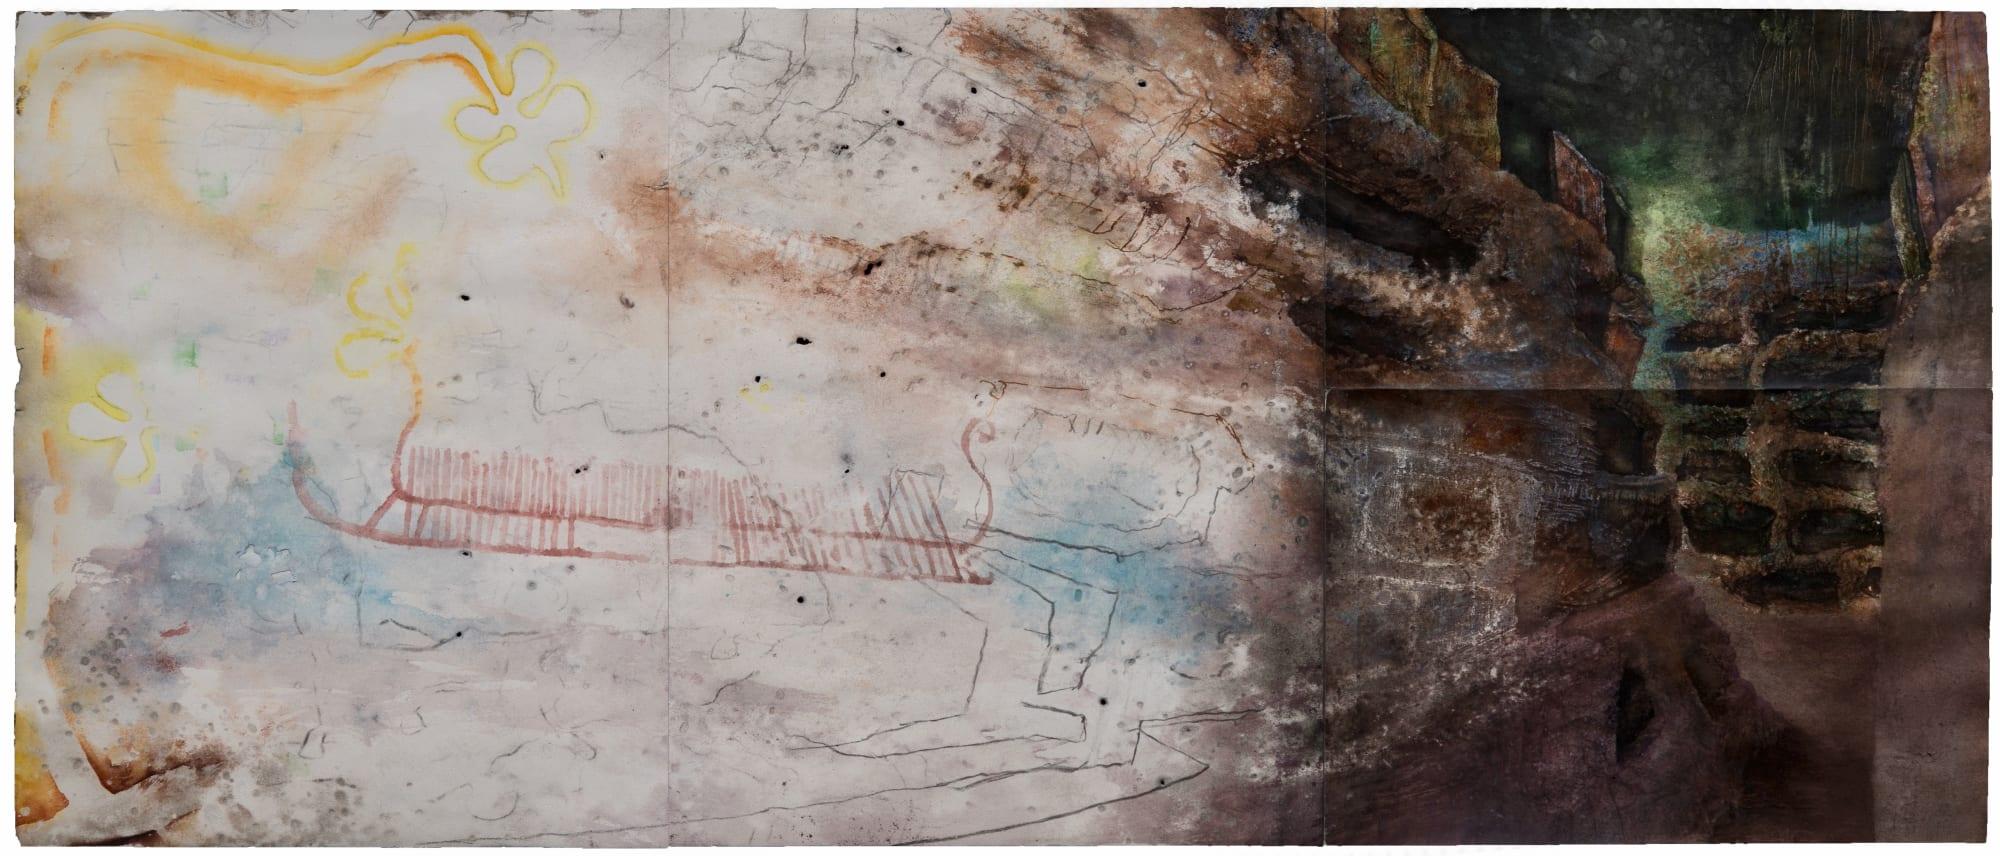 THOMAS LYON MILLS: New Work